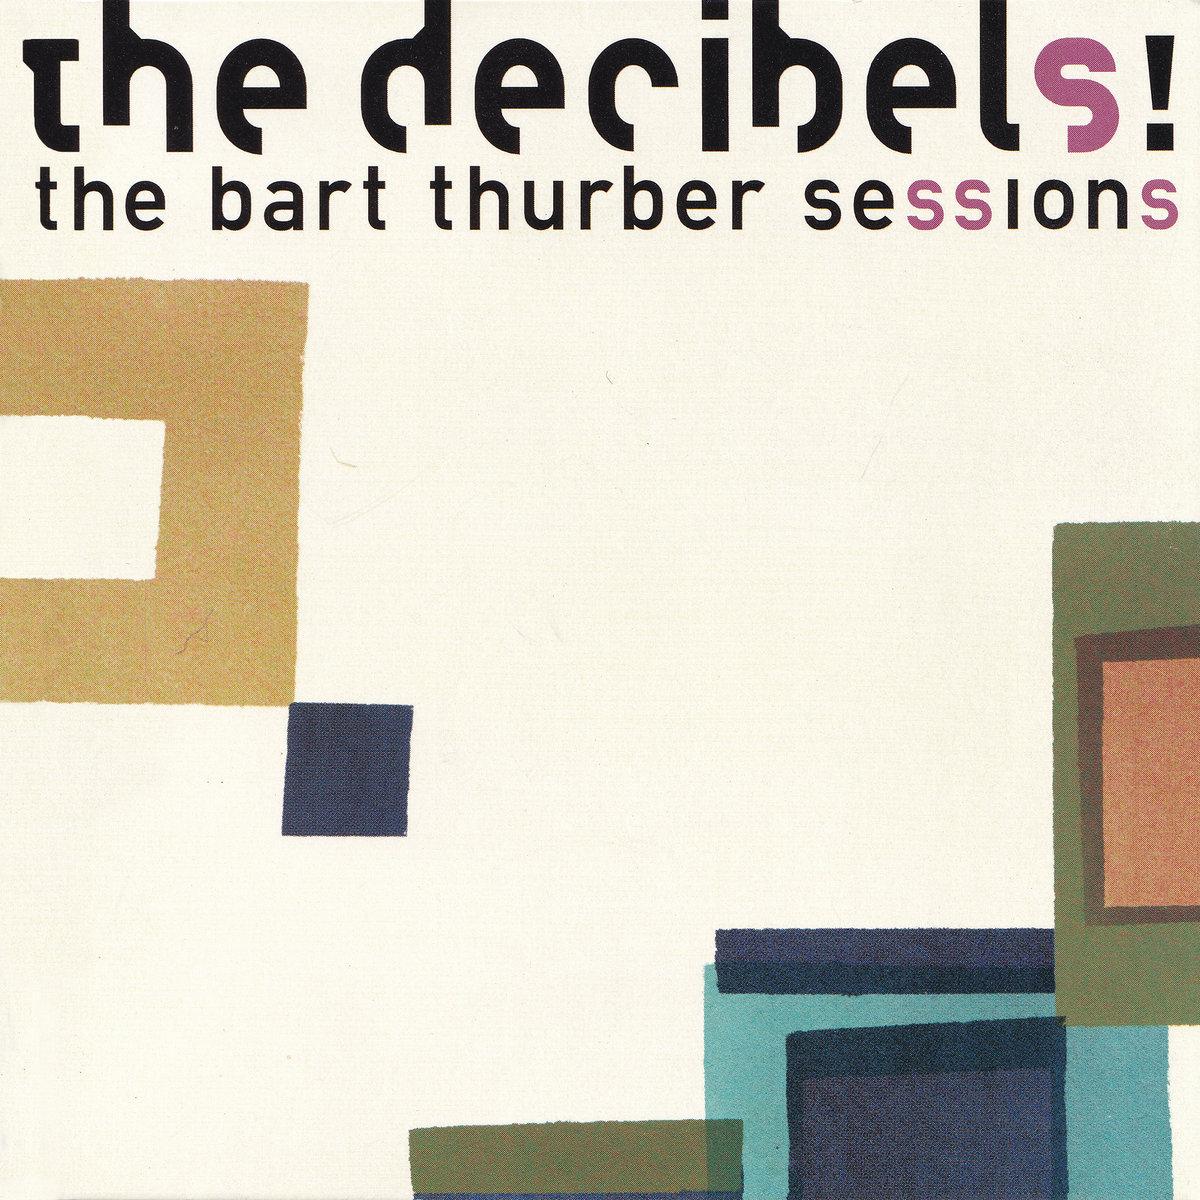 Decibels Bart Thurber Sessions